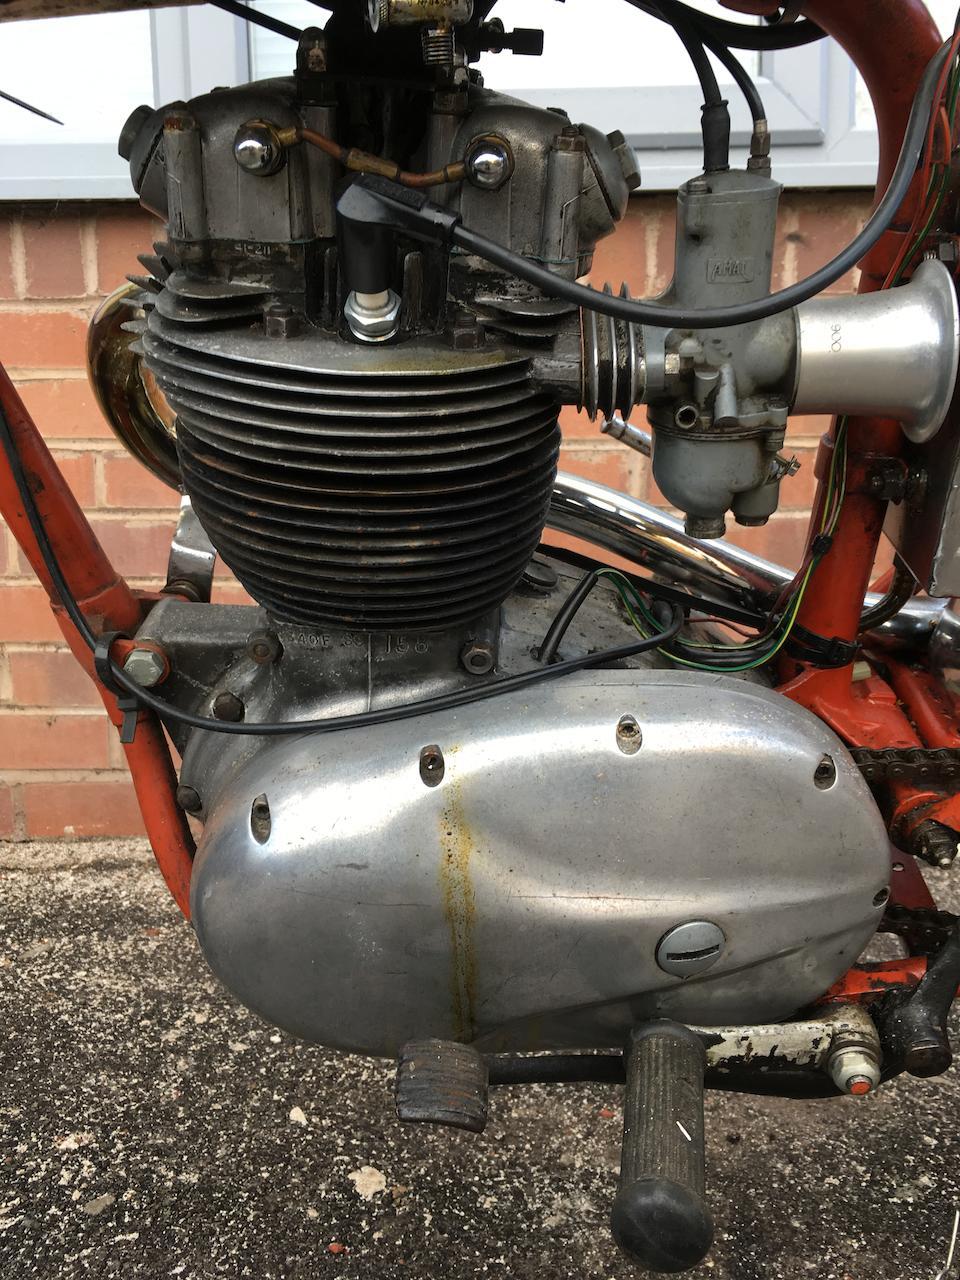 1965 BSA 343cc SS90 Special Frame no. B40.76825 Engine no. B40F SS 158